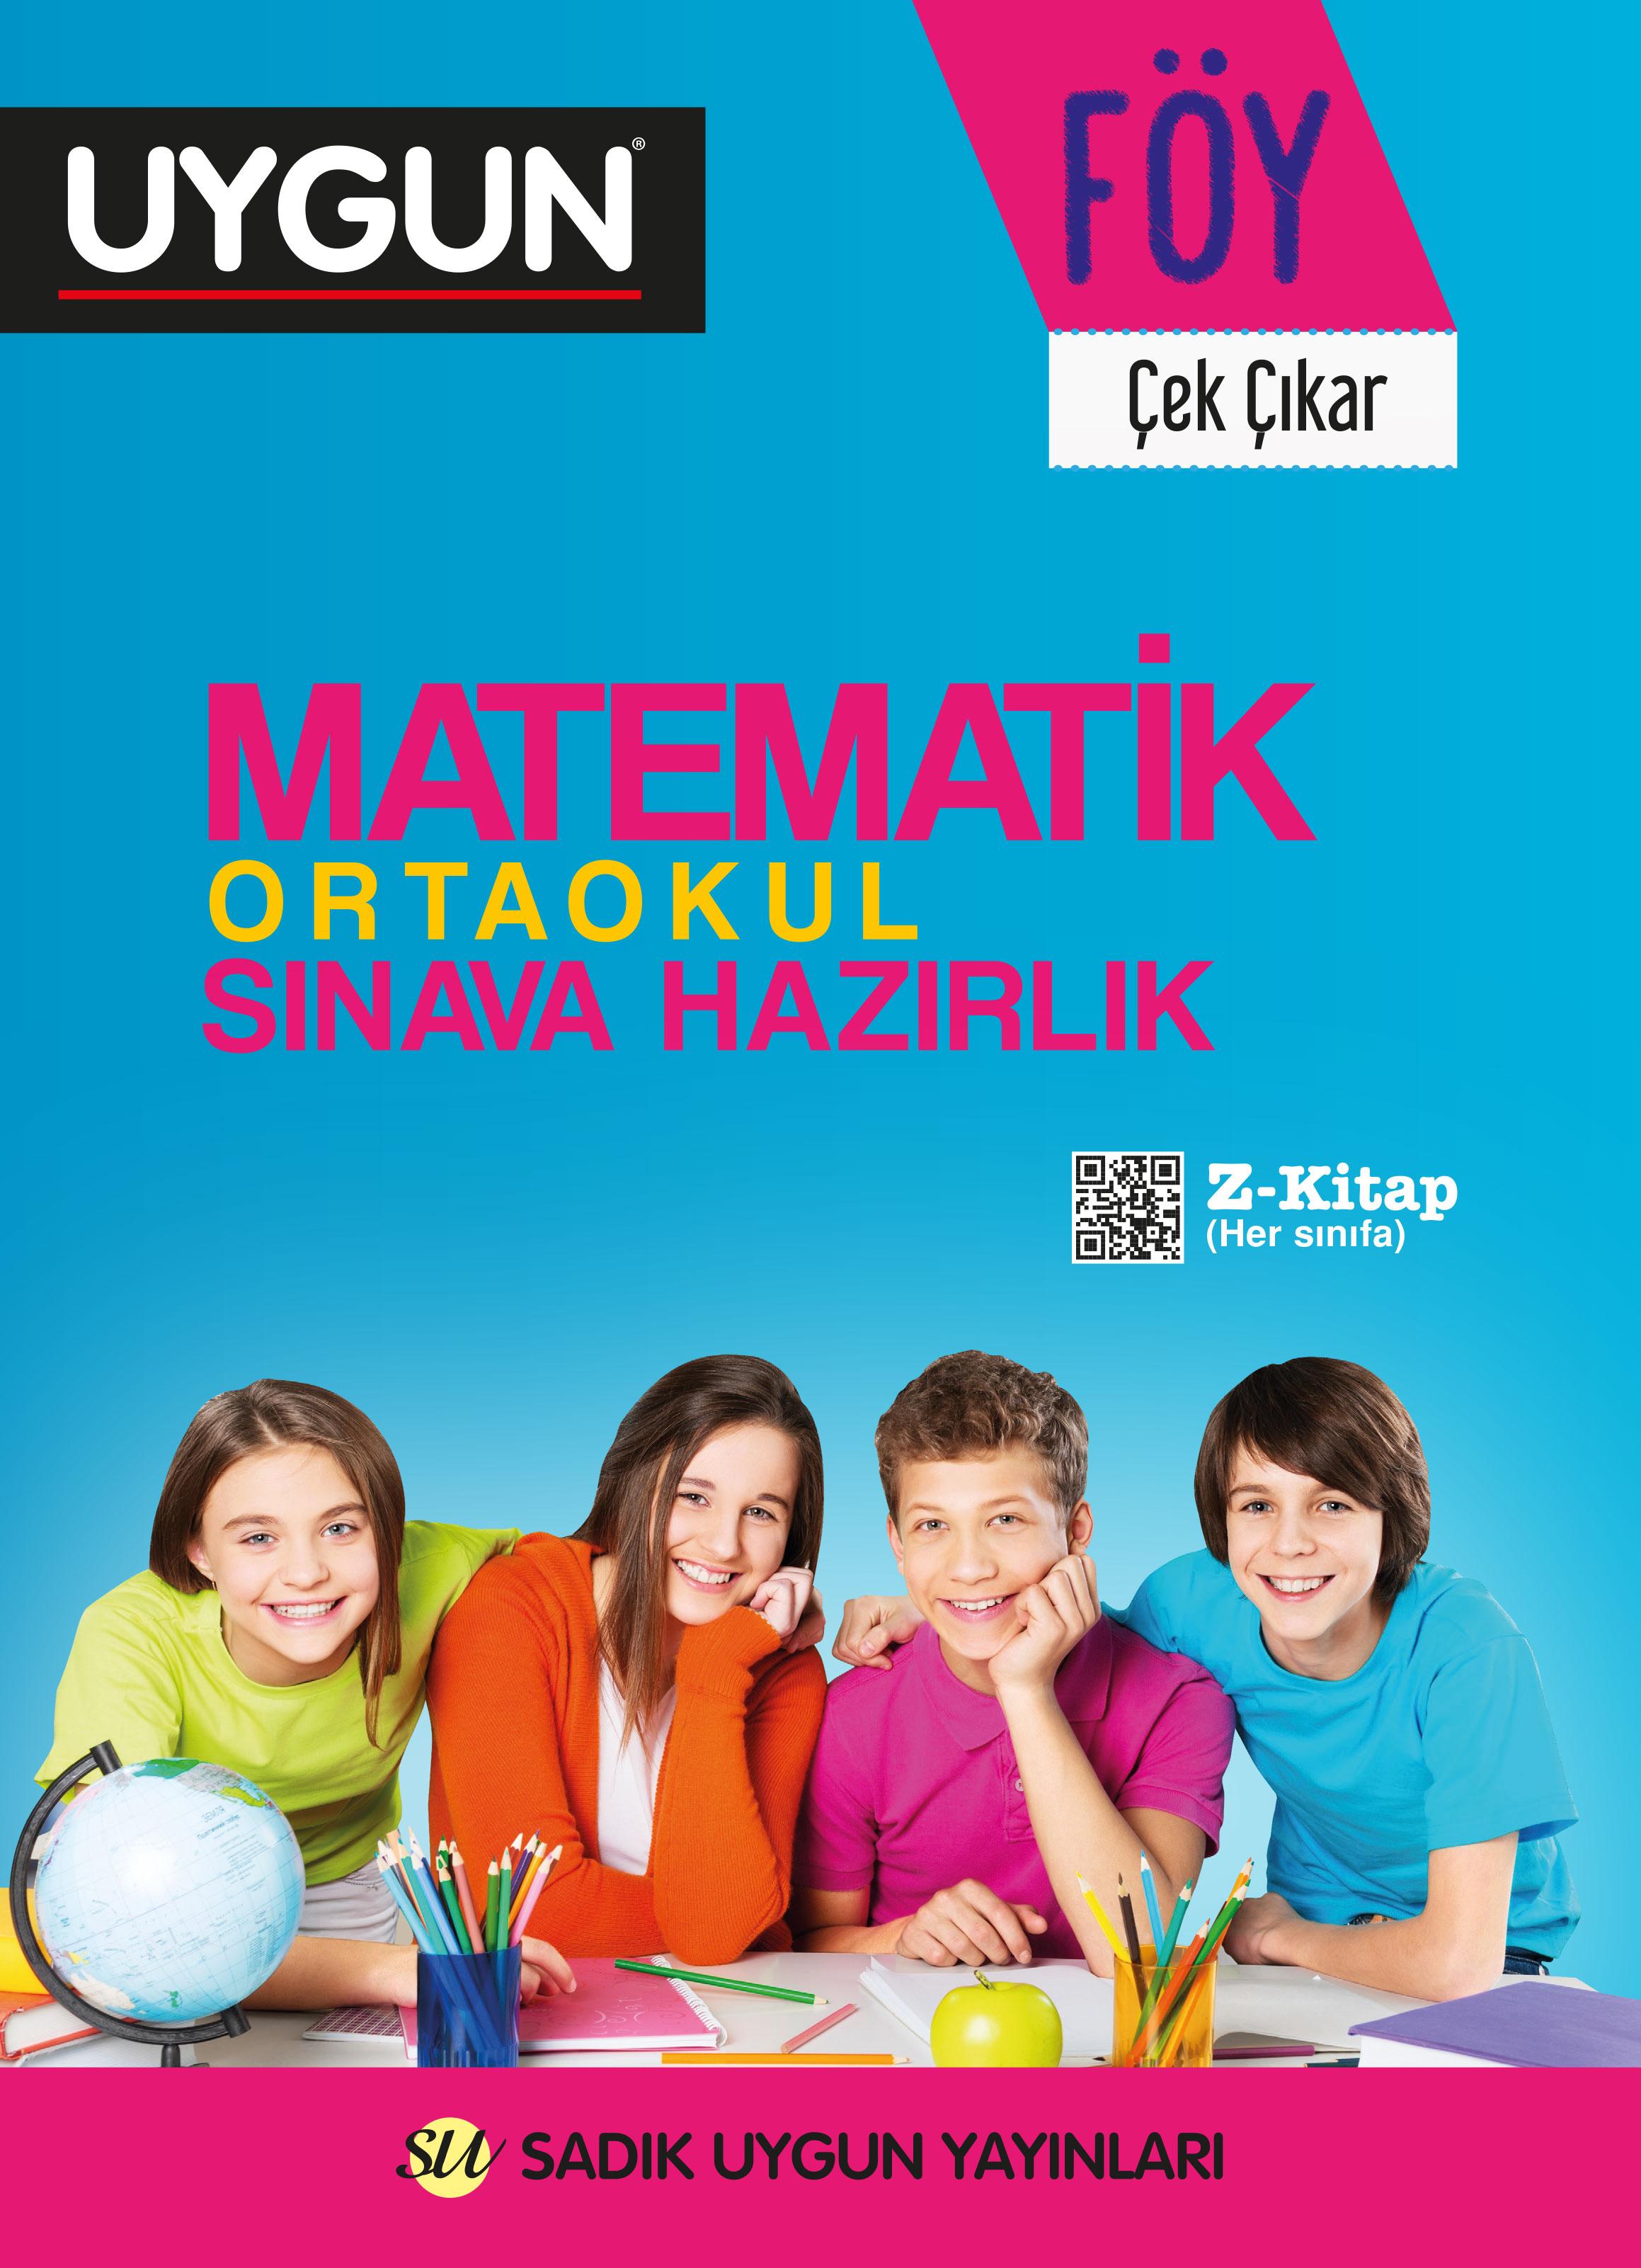 UYGUN – FÖY –  Ortaokul Sınava Hazırlık – Matematik 8. Sınıf